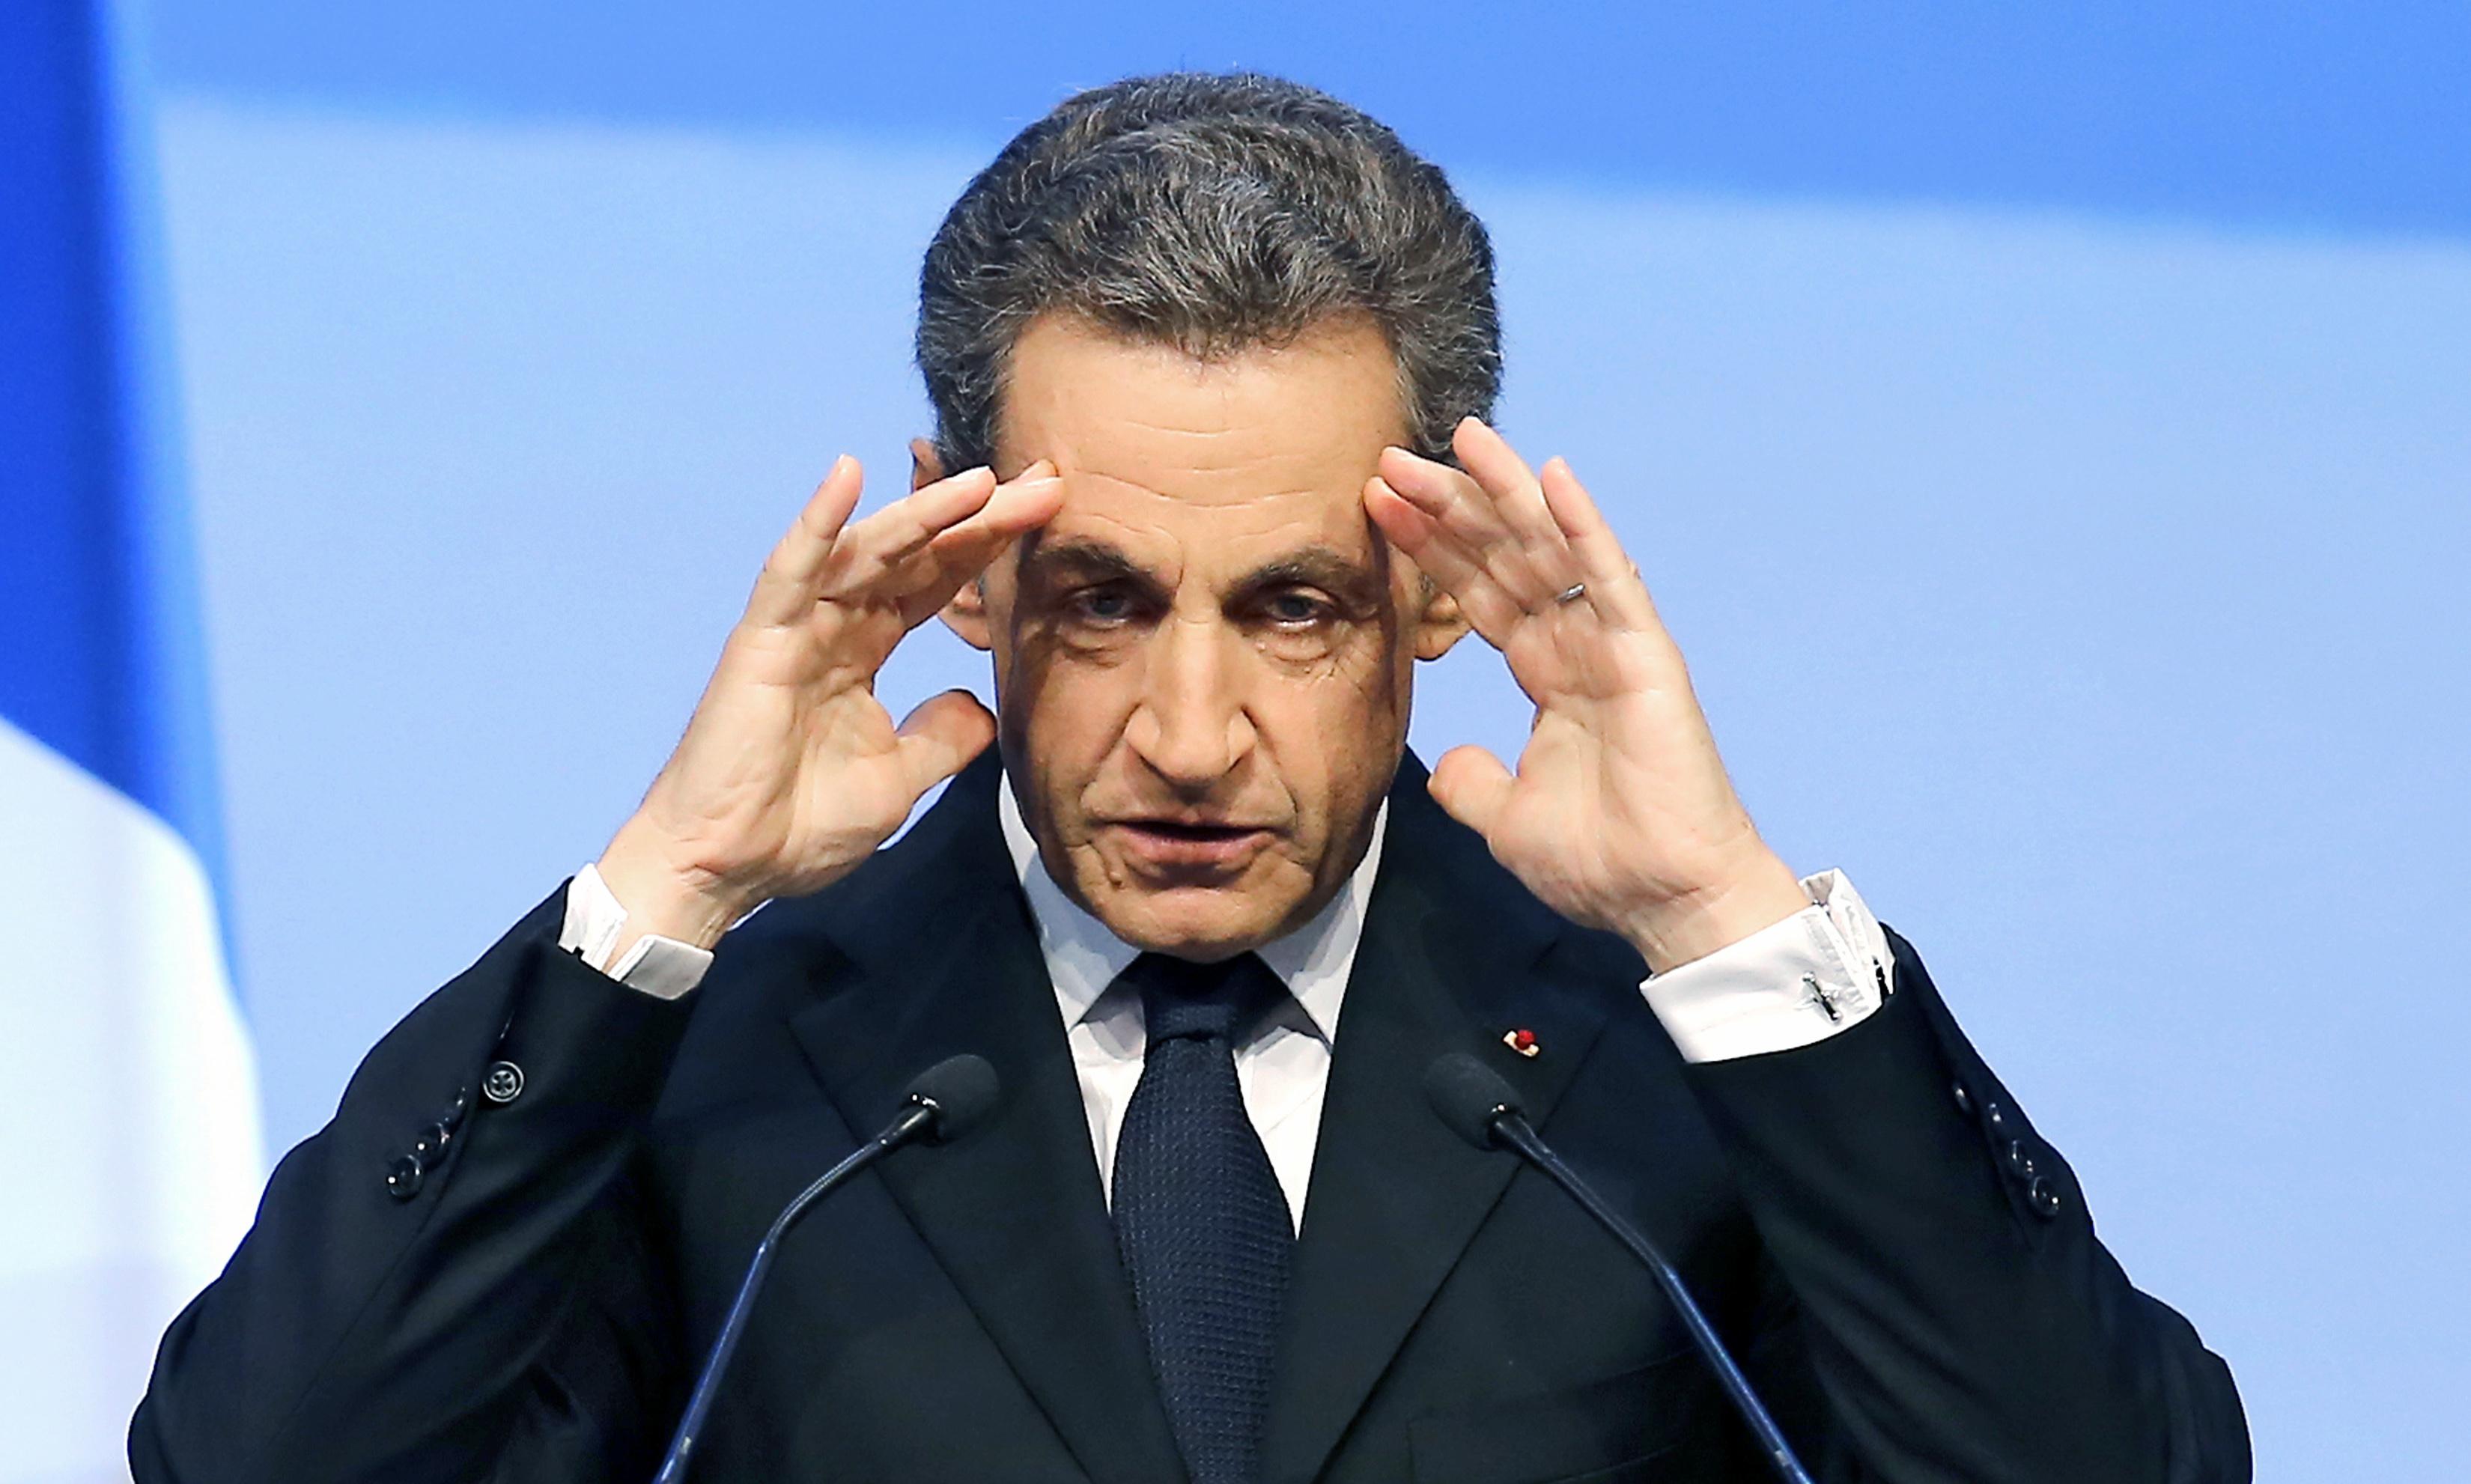 Fostul președinte al Franței Nicolas Sarkozy, găsit vinovat pentru finanțarea ilegală a campaniei